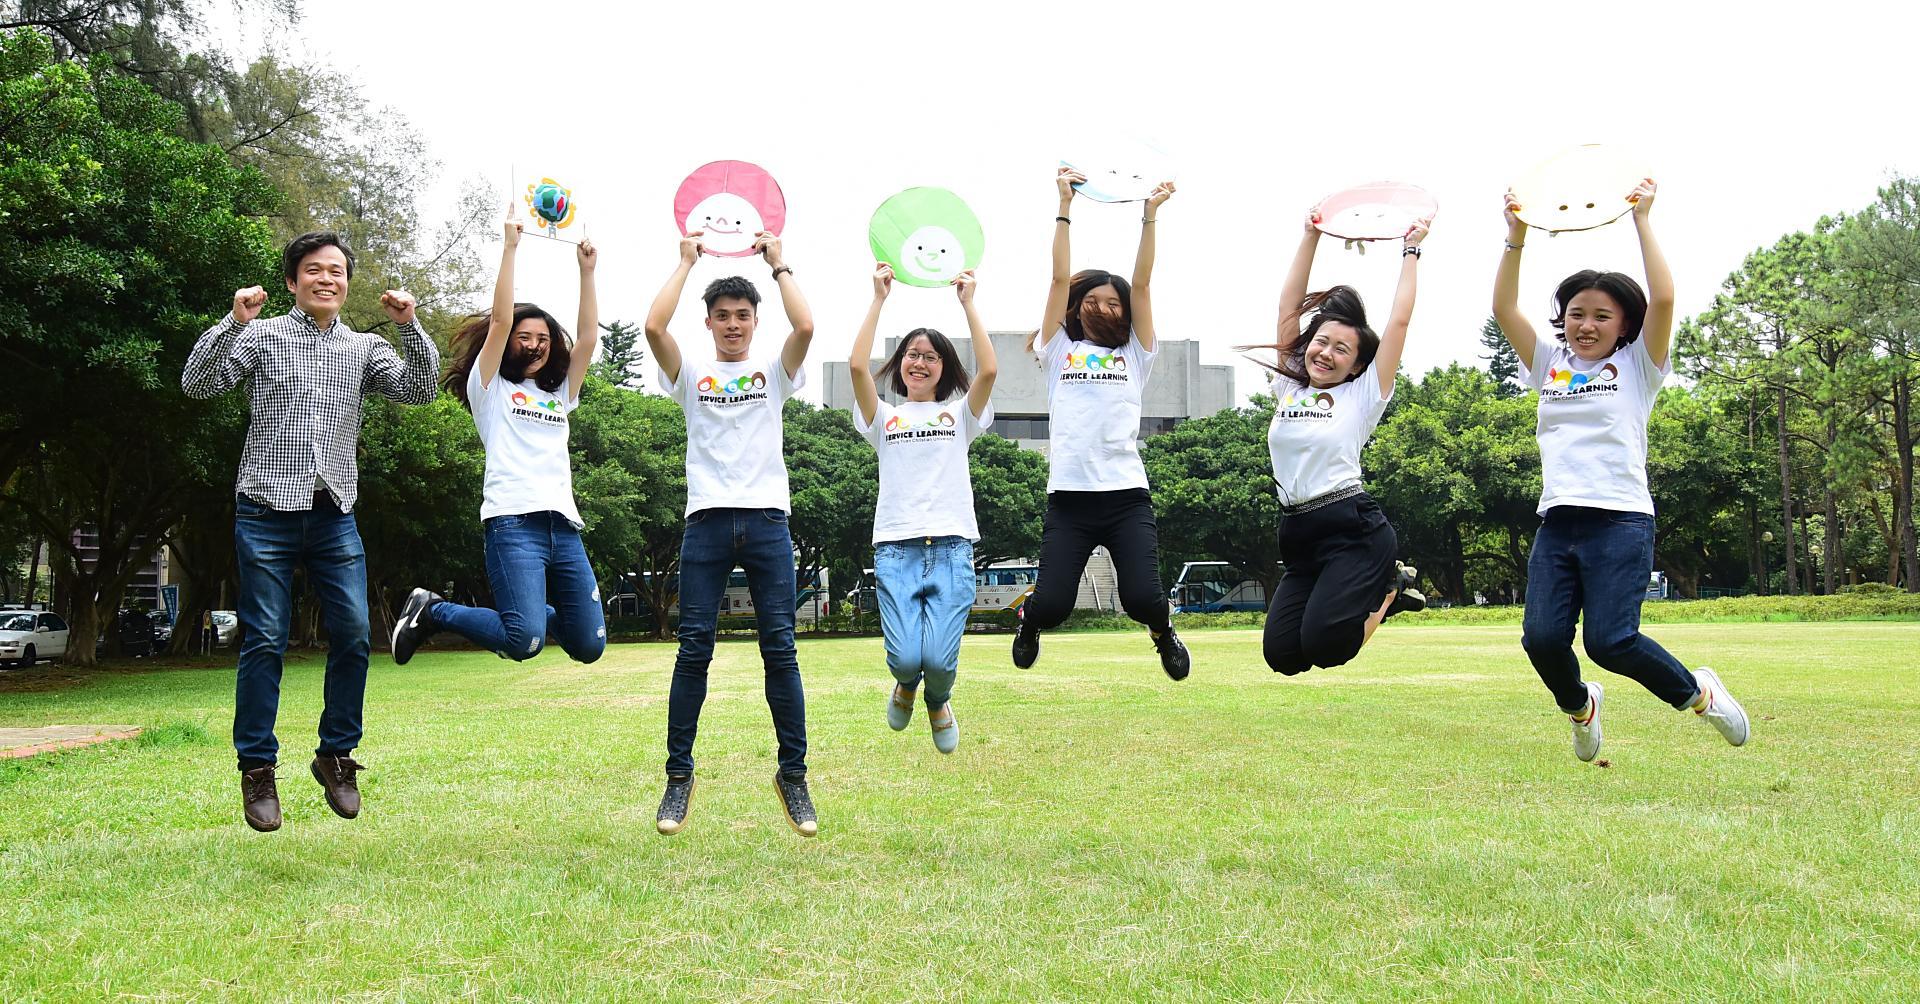 中原大學學士班註冊率 私立綜合大學排名第一